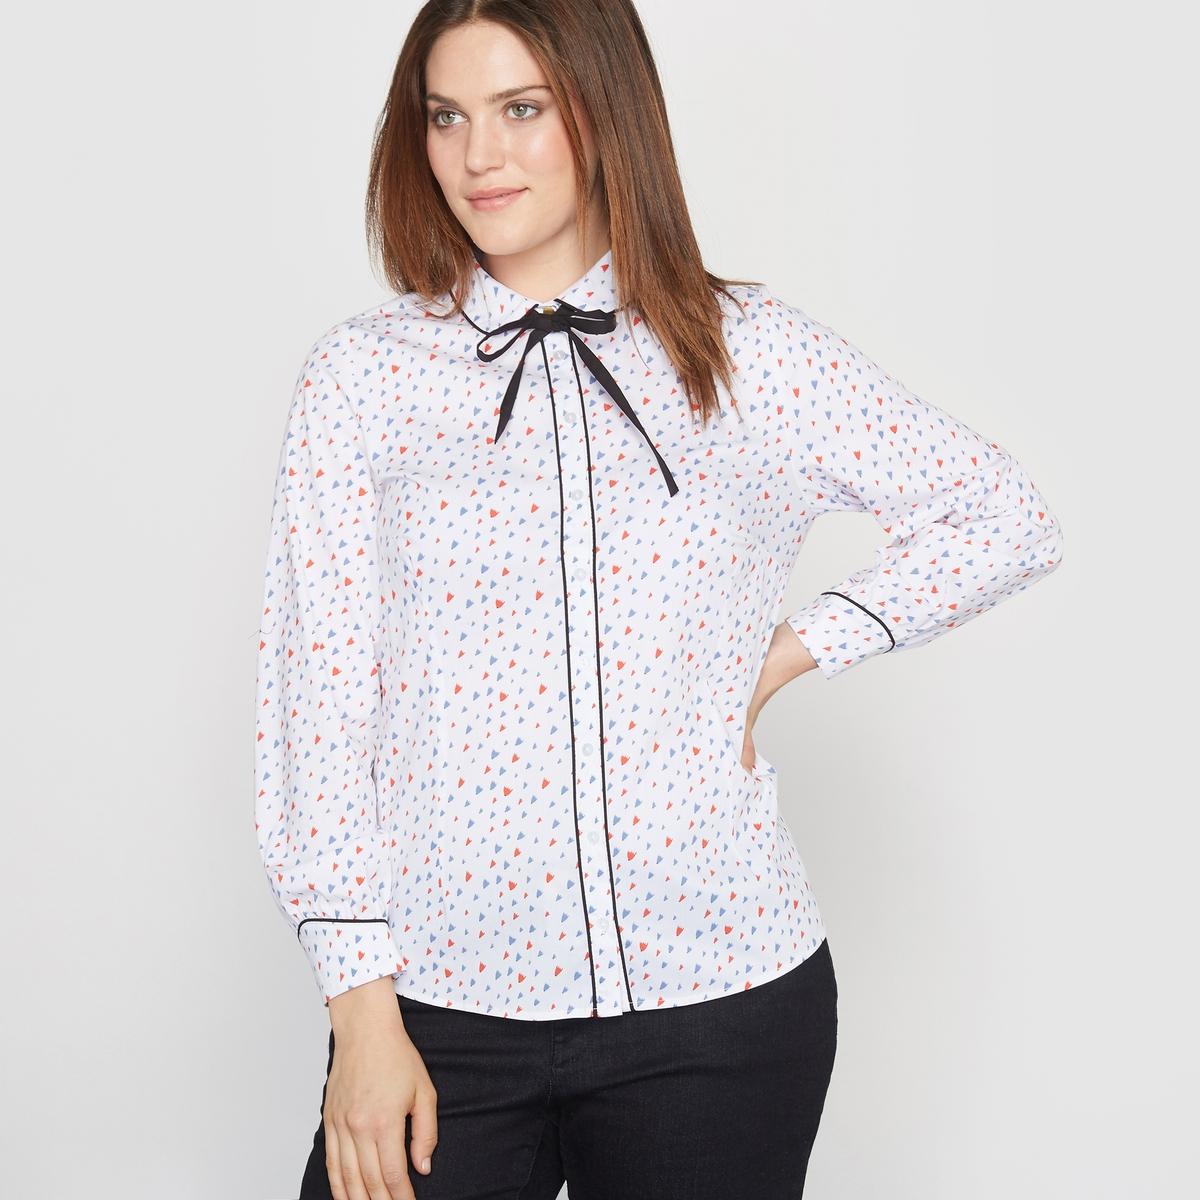 Блузка с закругленным отложным воротником, однотонная или с рисунком